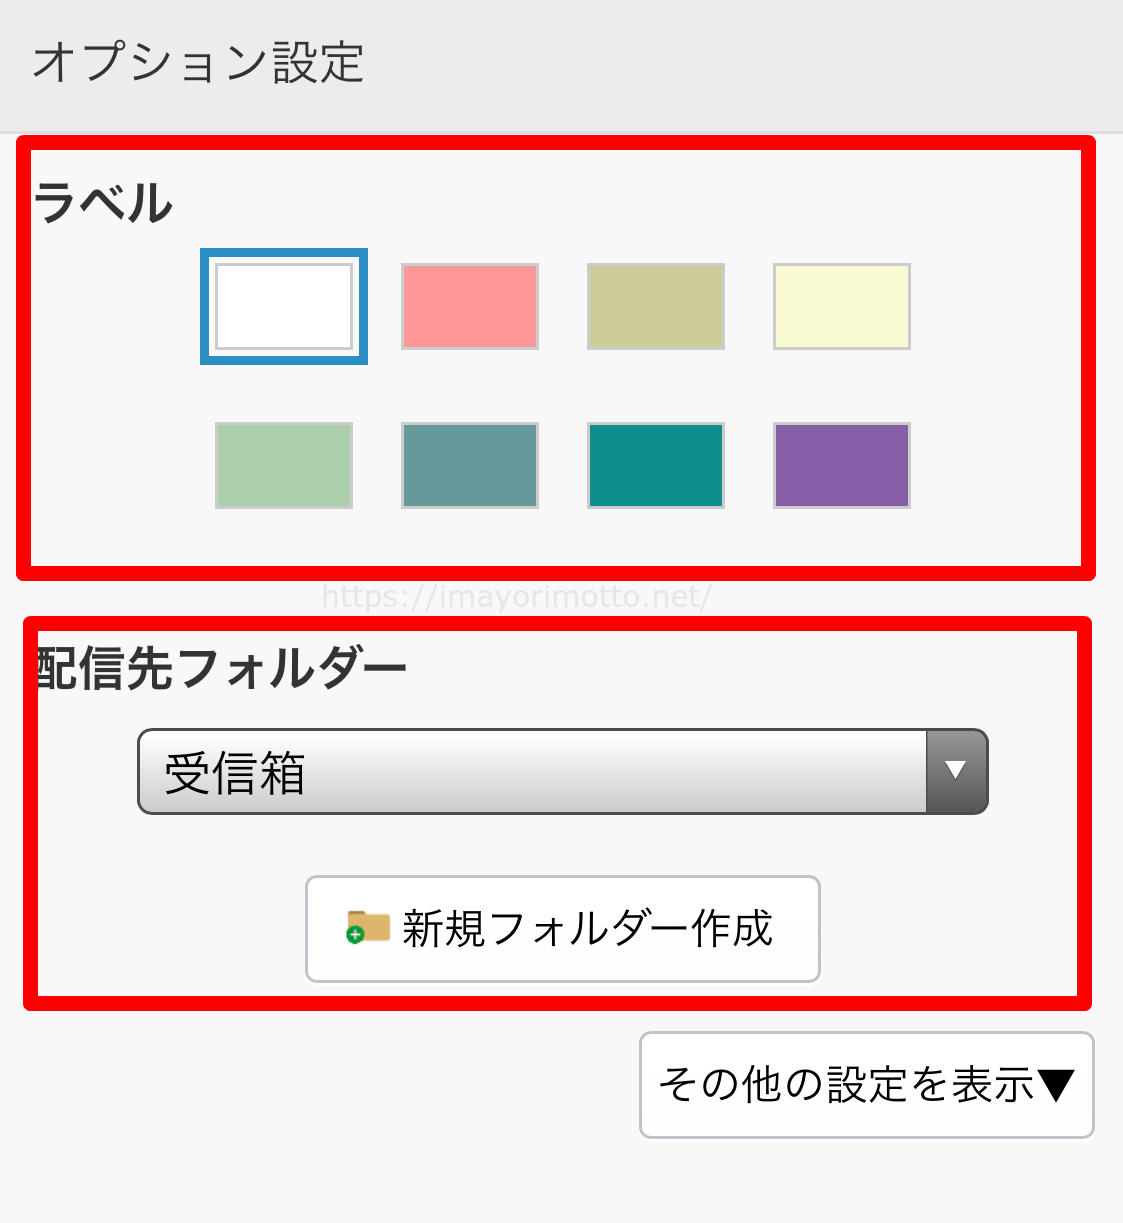 Yahoo!セーフティアドレス作り方スマホアプリ6